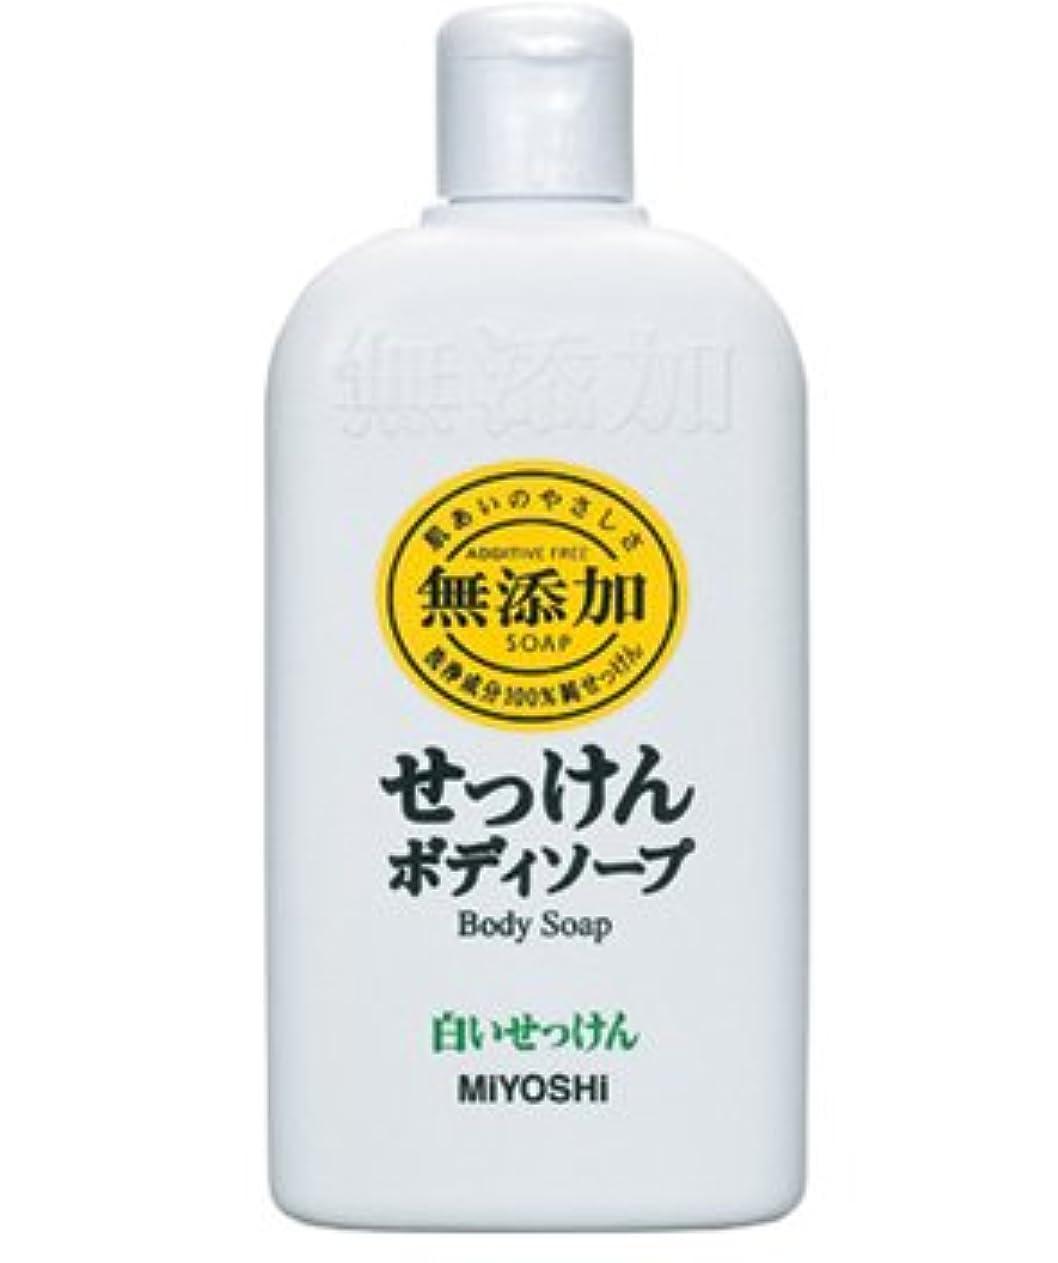 コンテストなぜなら抗生物質ミヨシ石鹸 無添加 ボディソープ 白い石けん レギュラー 400ml(無添加石鹸)×20点セット (4904551100324)